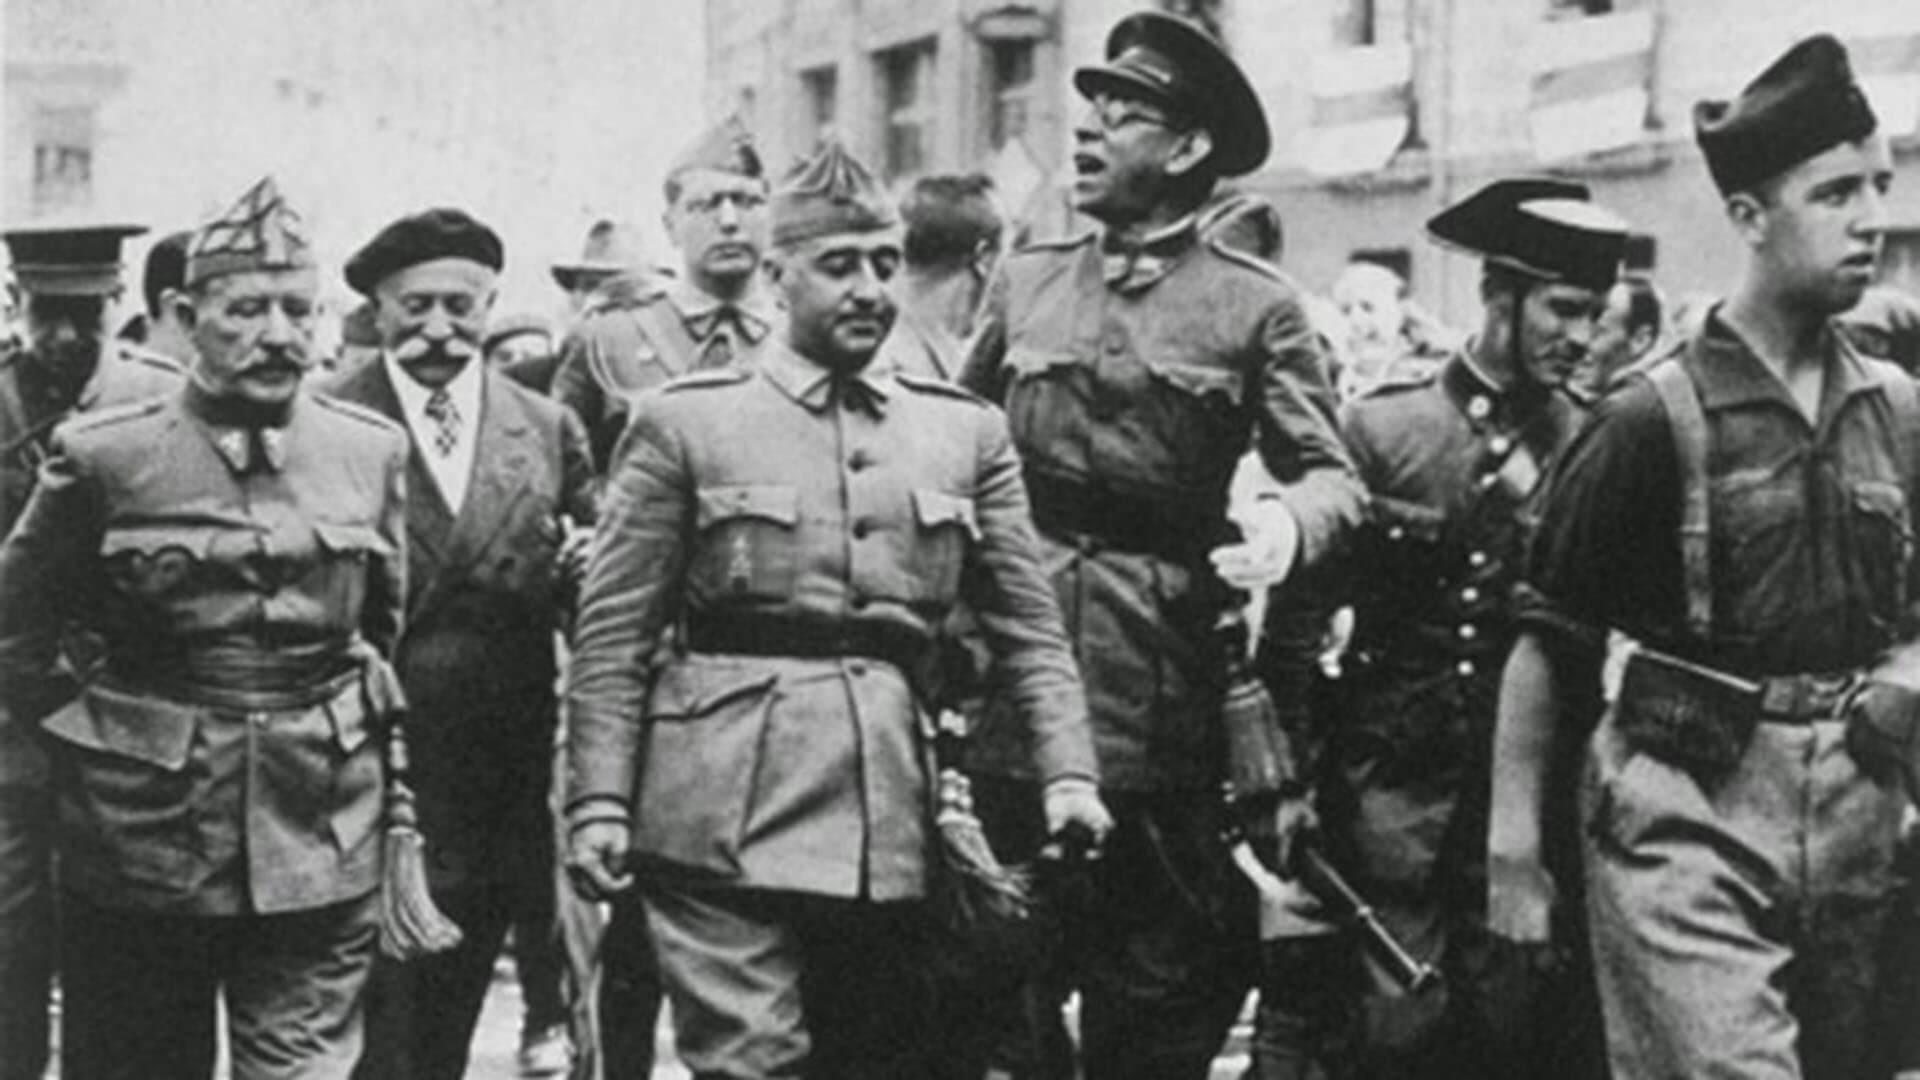 Guerra Civil Española (1936-1939)